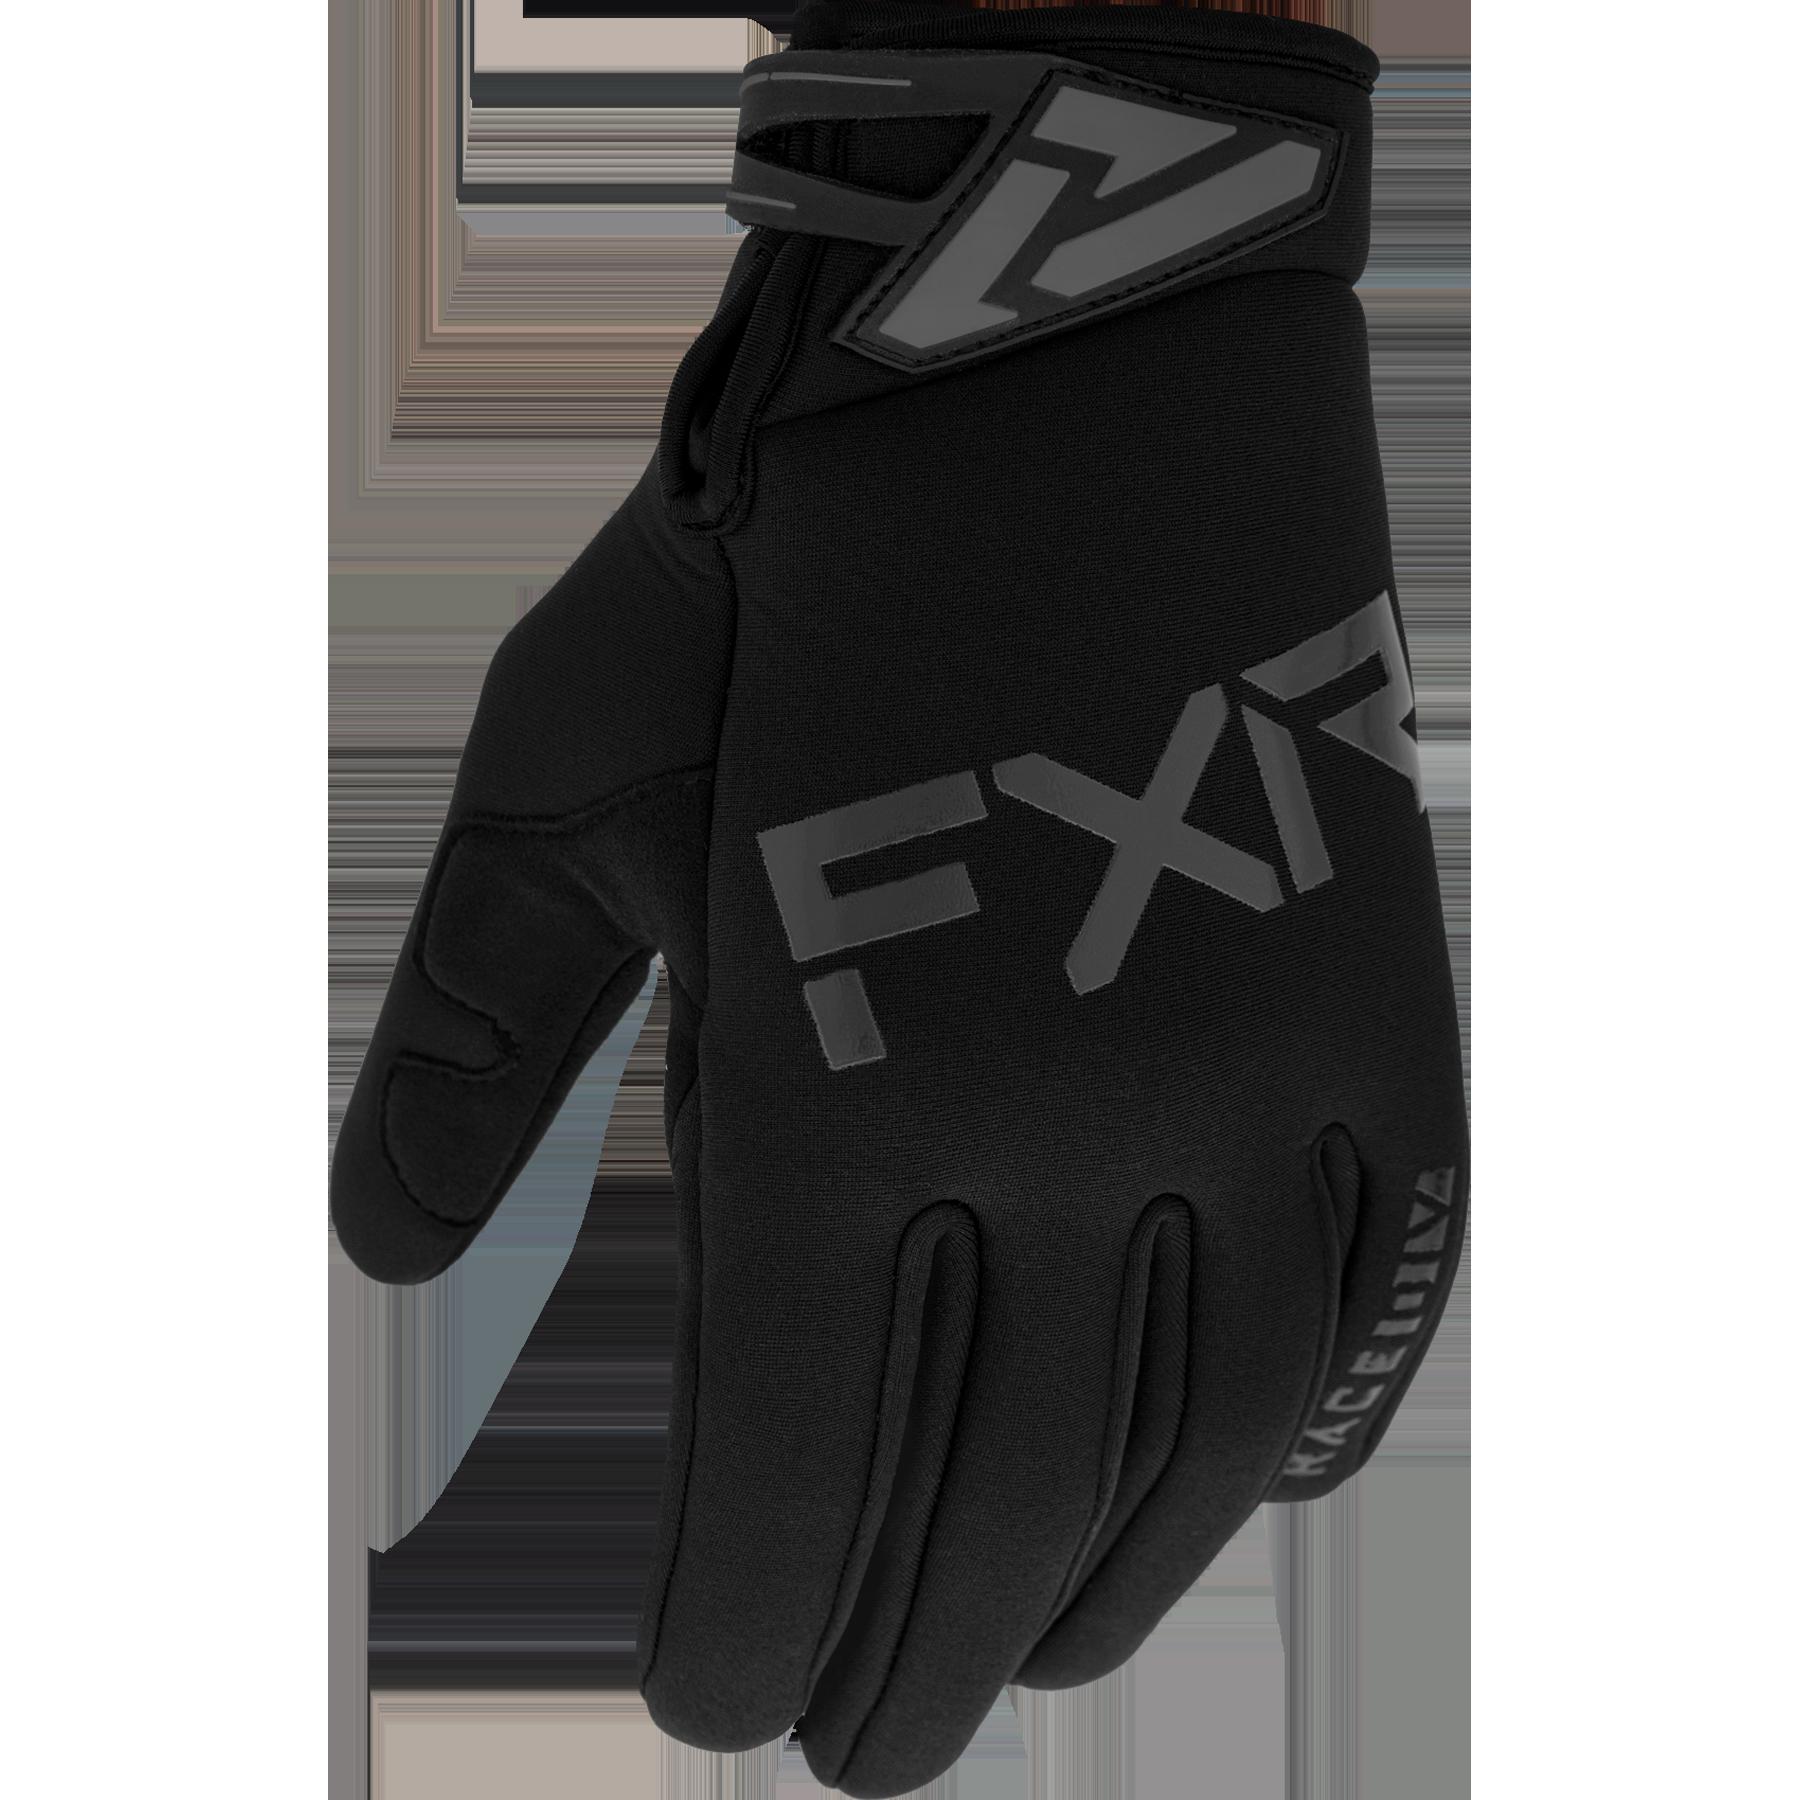 Cross Neoprene Glove 22 KI 3